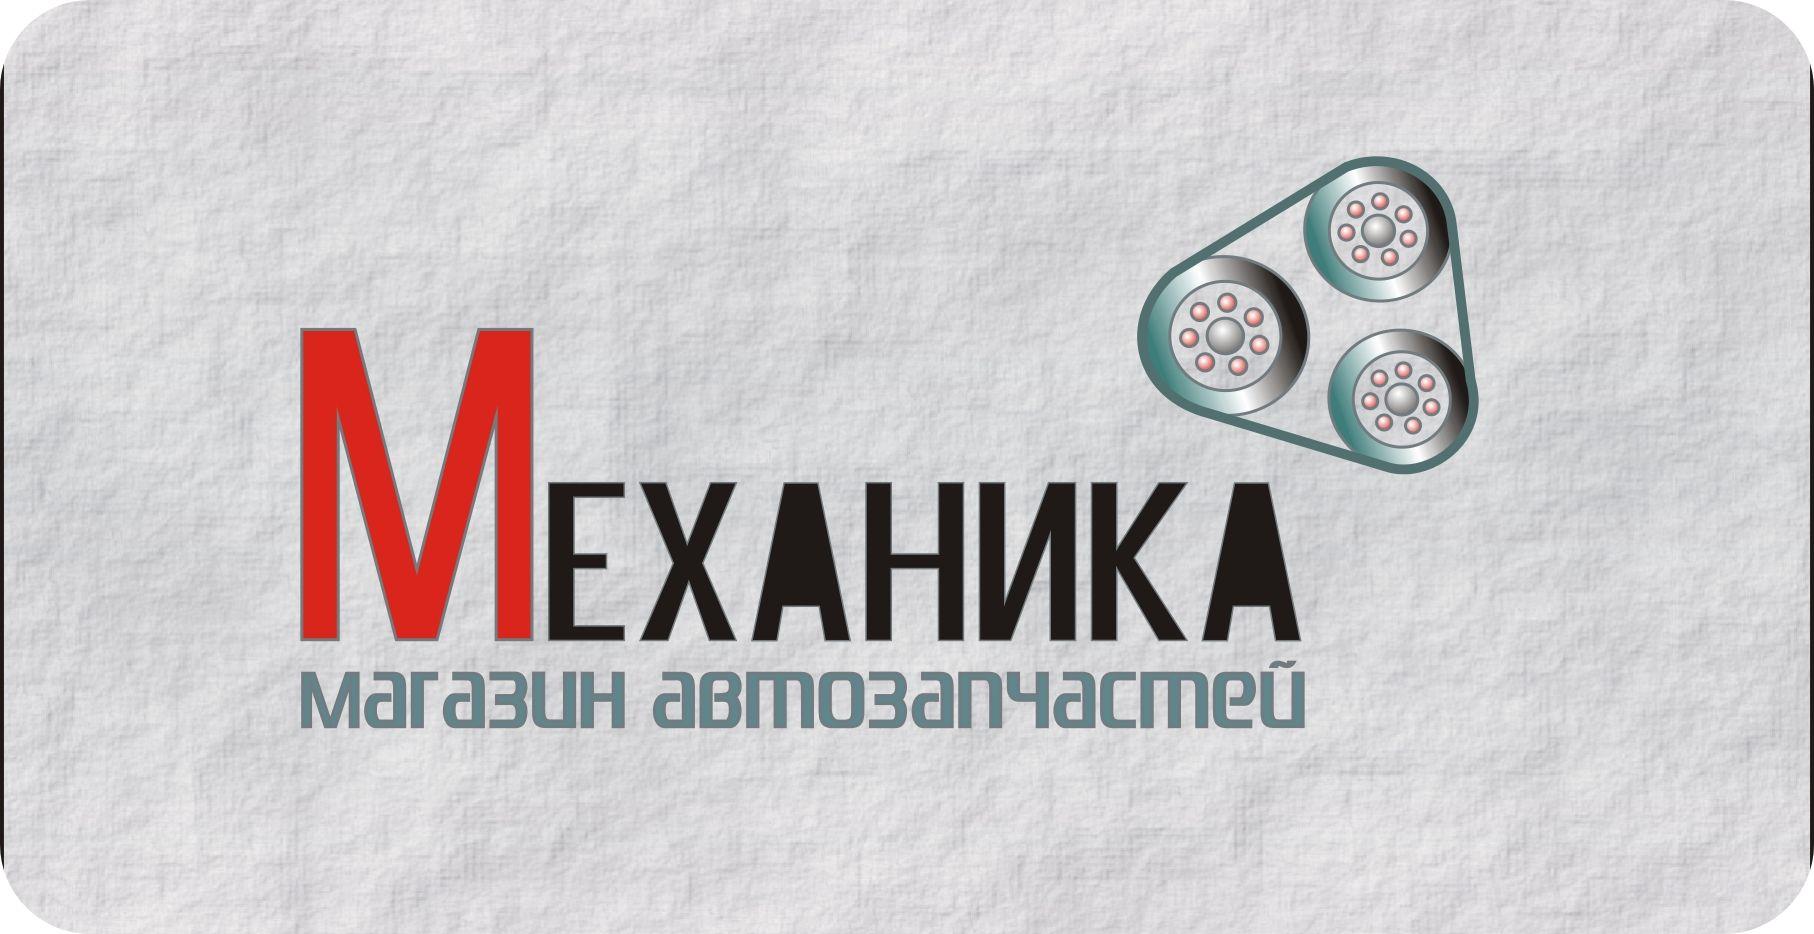 Логотип для магазина автозапчасти 'Механика' - дизайнер kattik777